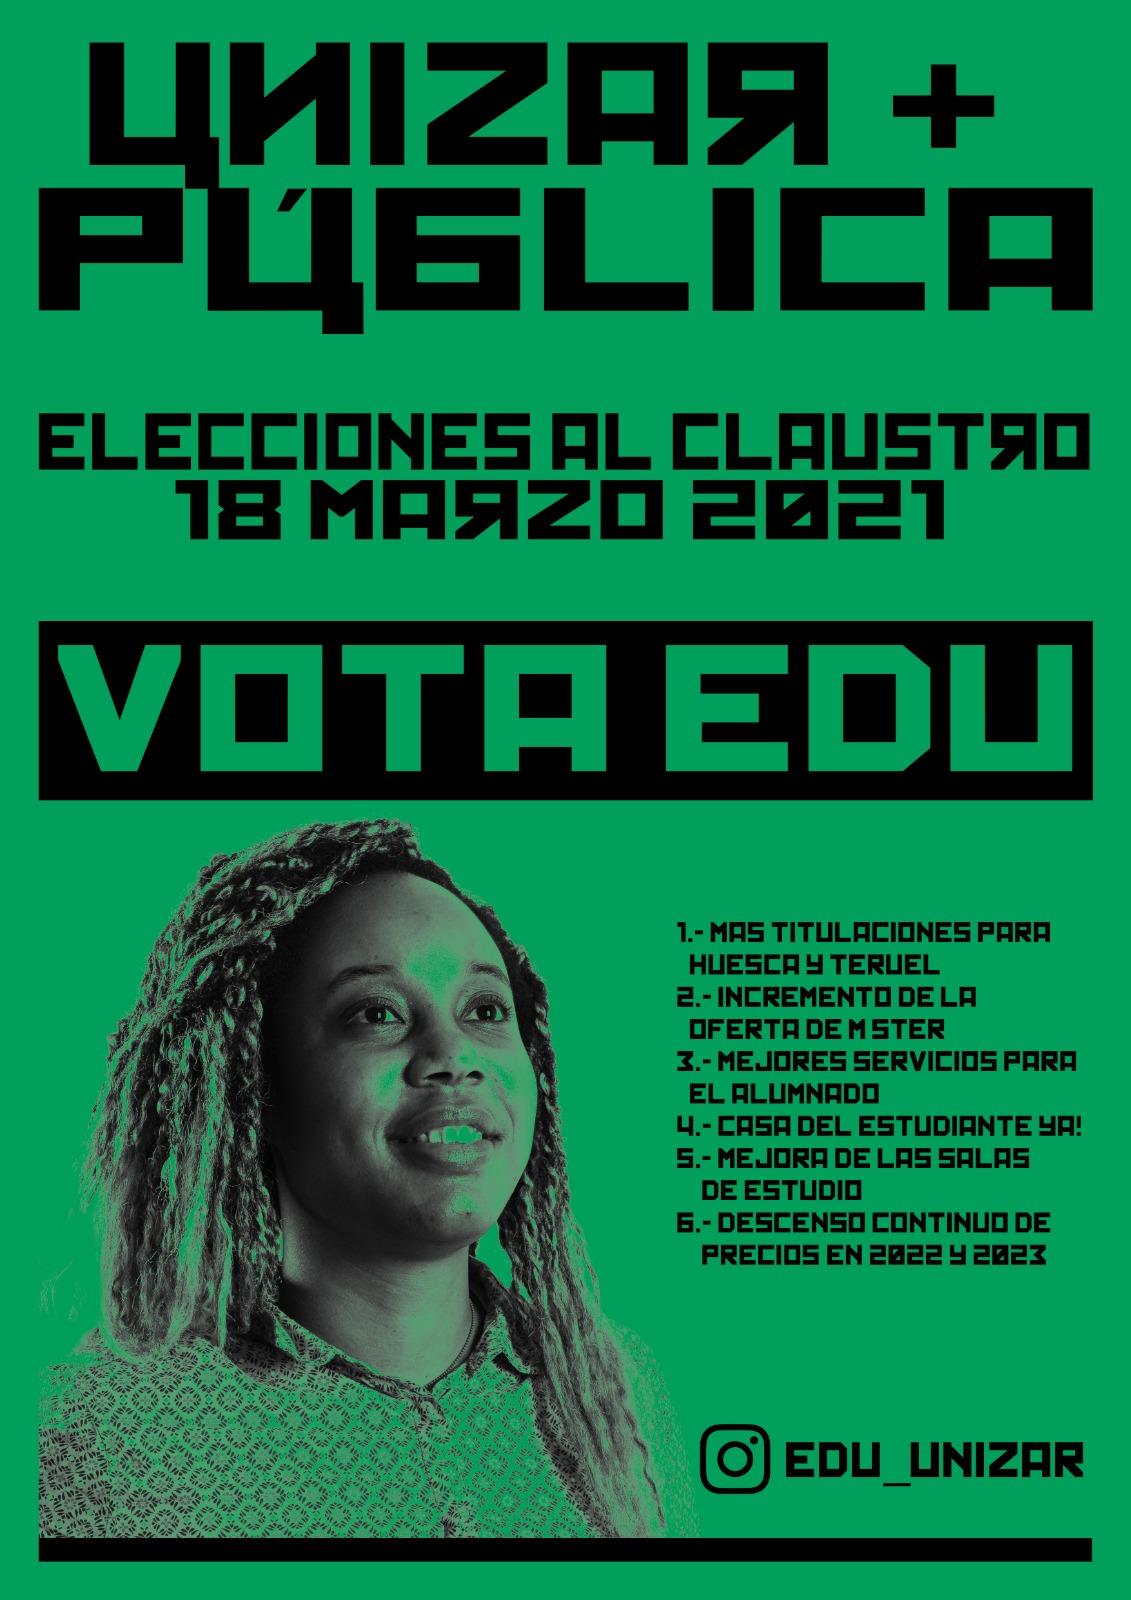 PROGRAMA ELECCIONES A CLAUSTRO 18 MARZO 2021